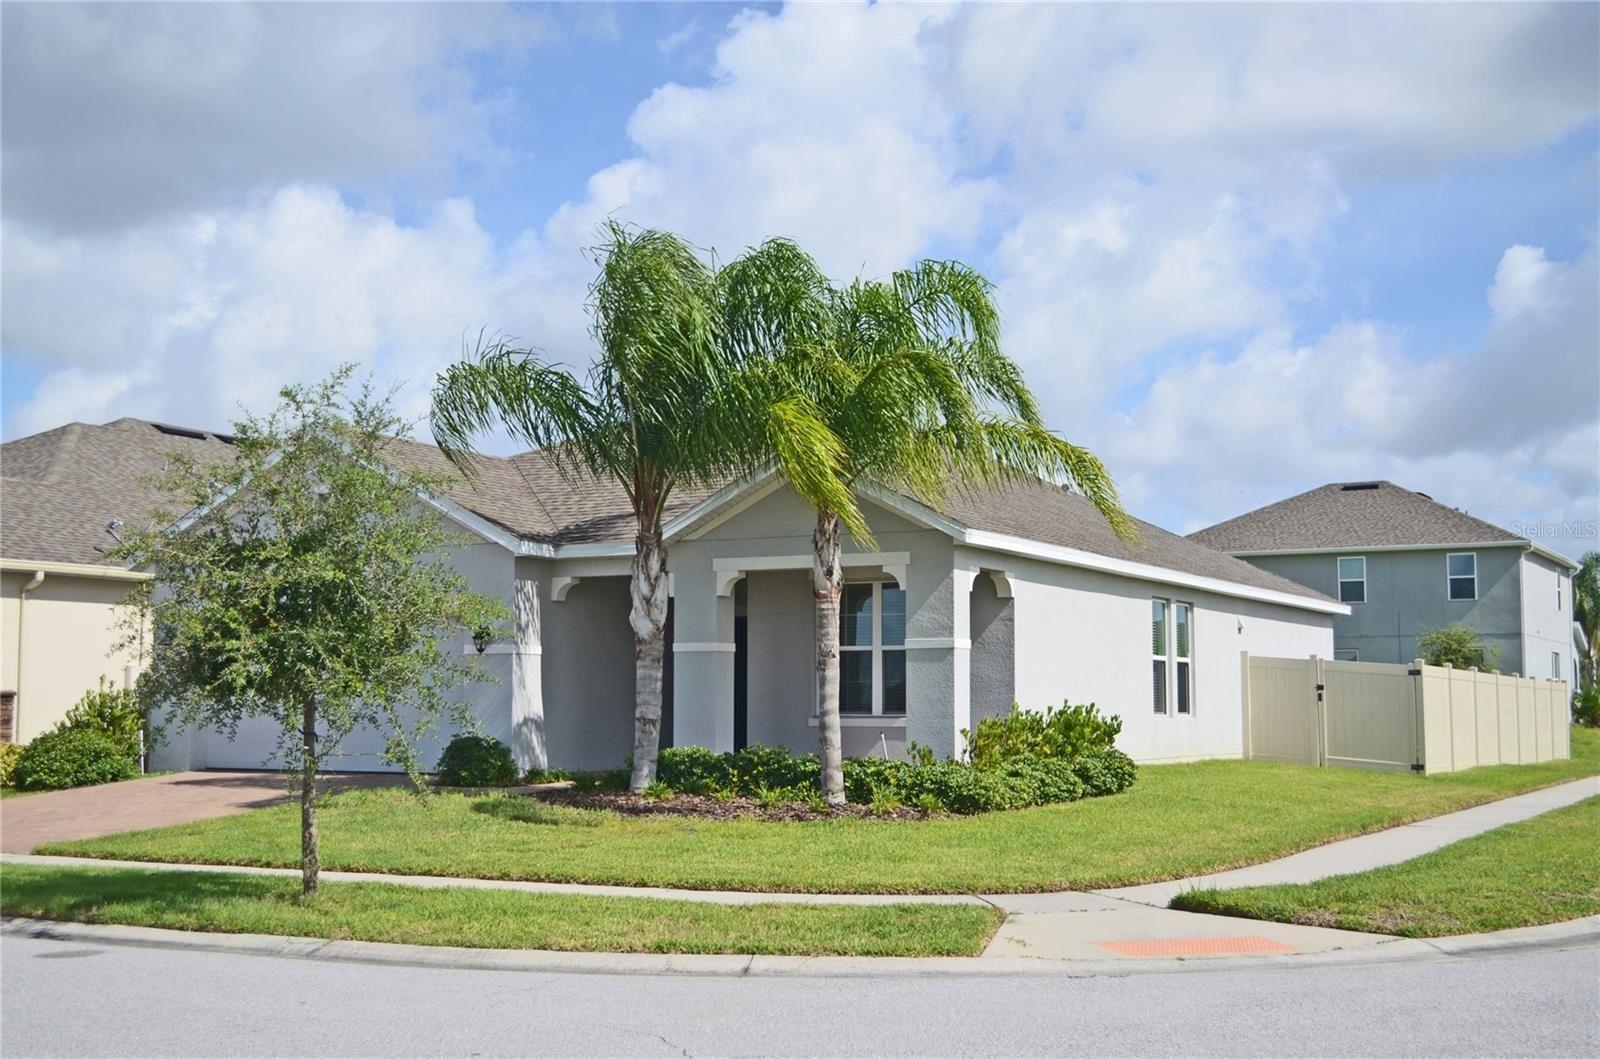 4043 CYPRESS GLADES LANE, Orlando, FL 32824 - #: O5962450